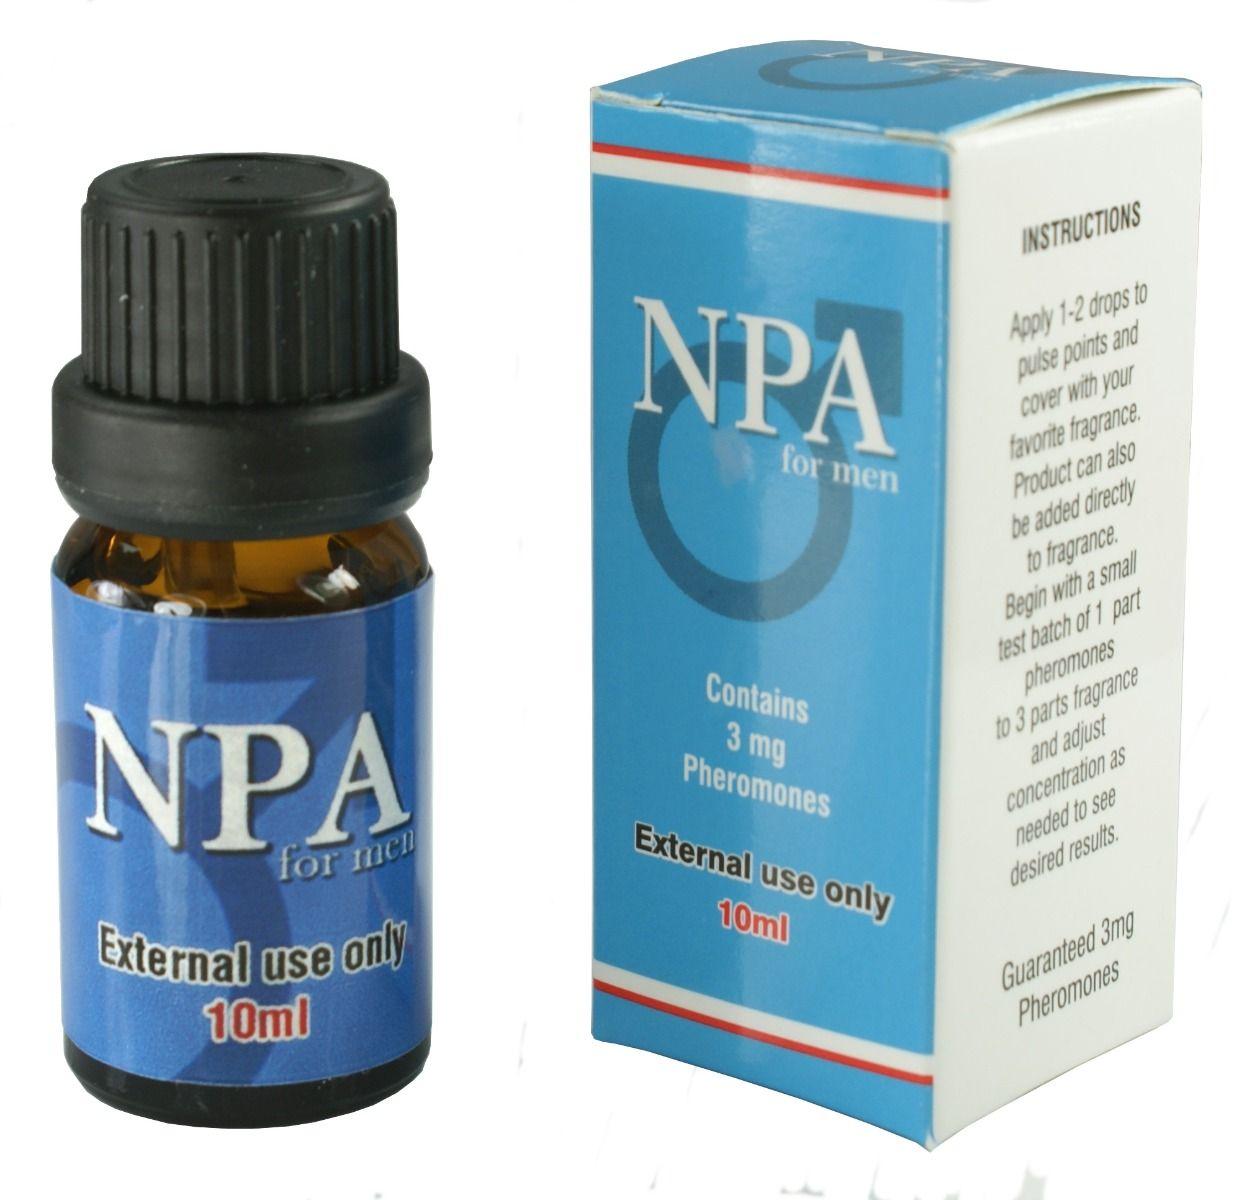 New Pheromone Additive for Men